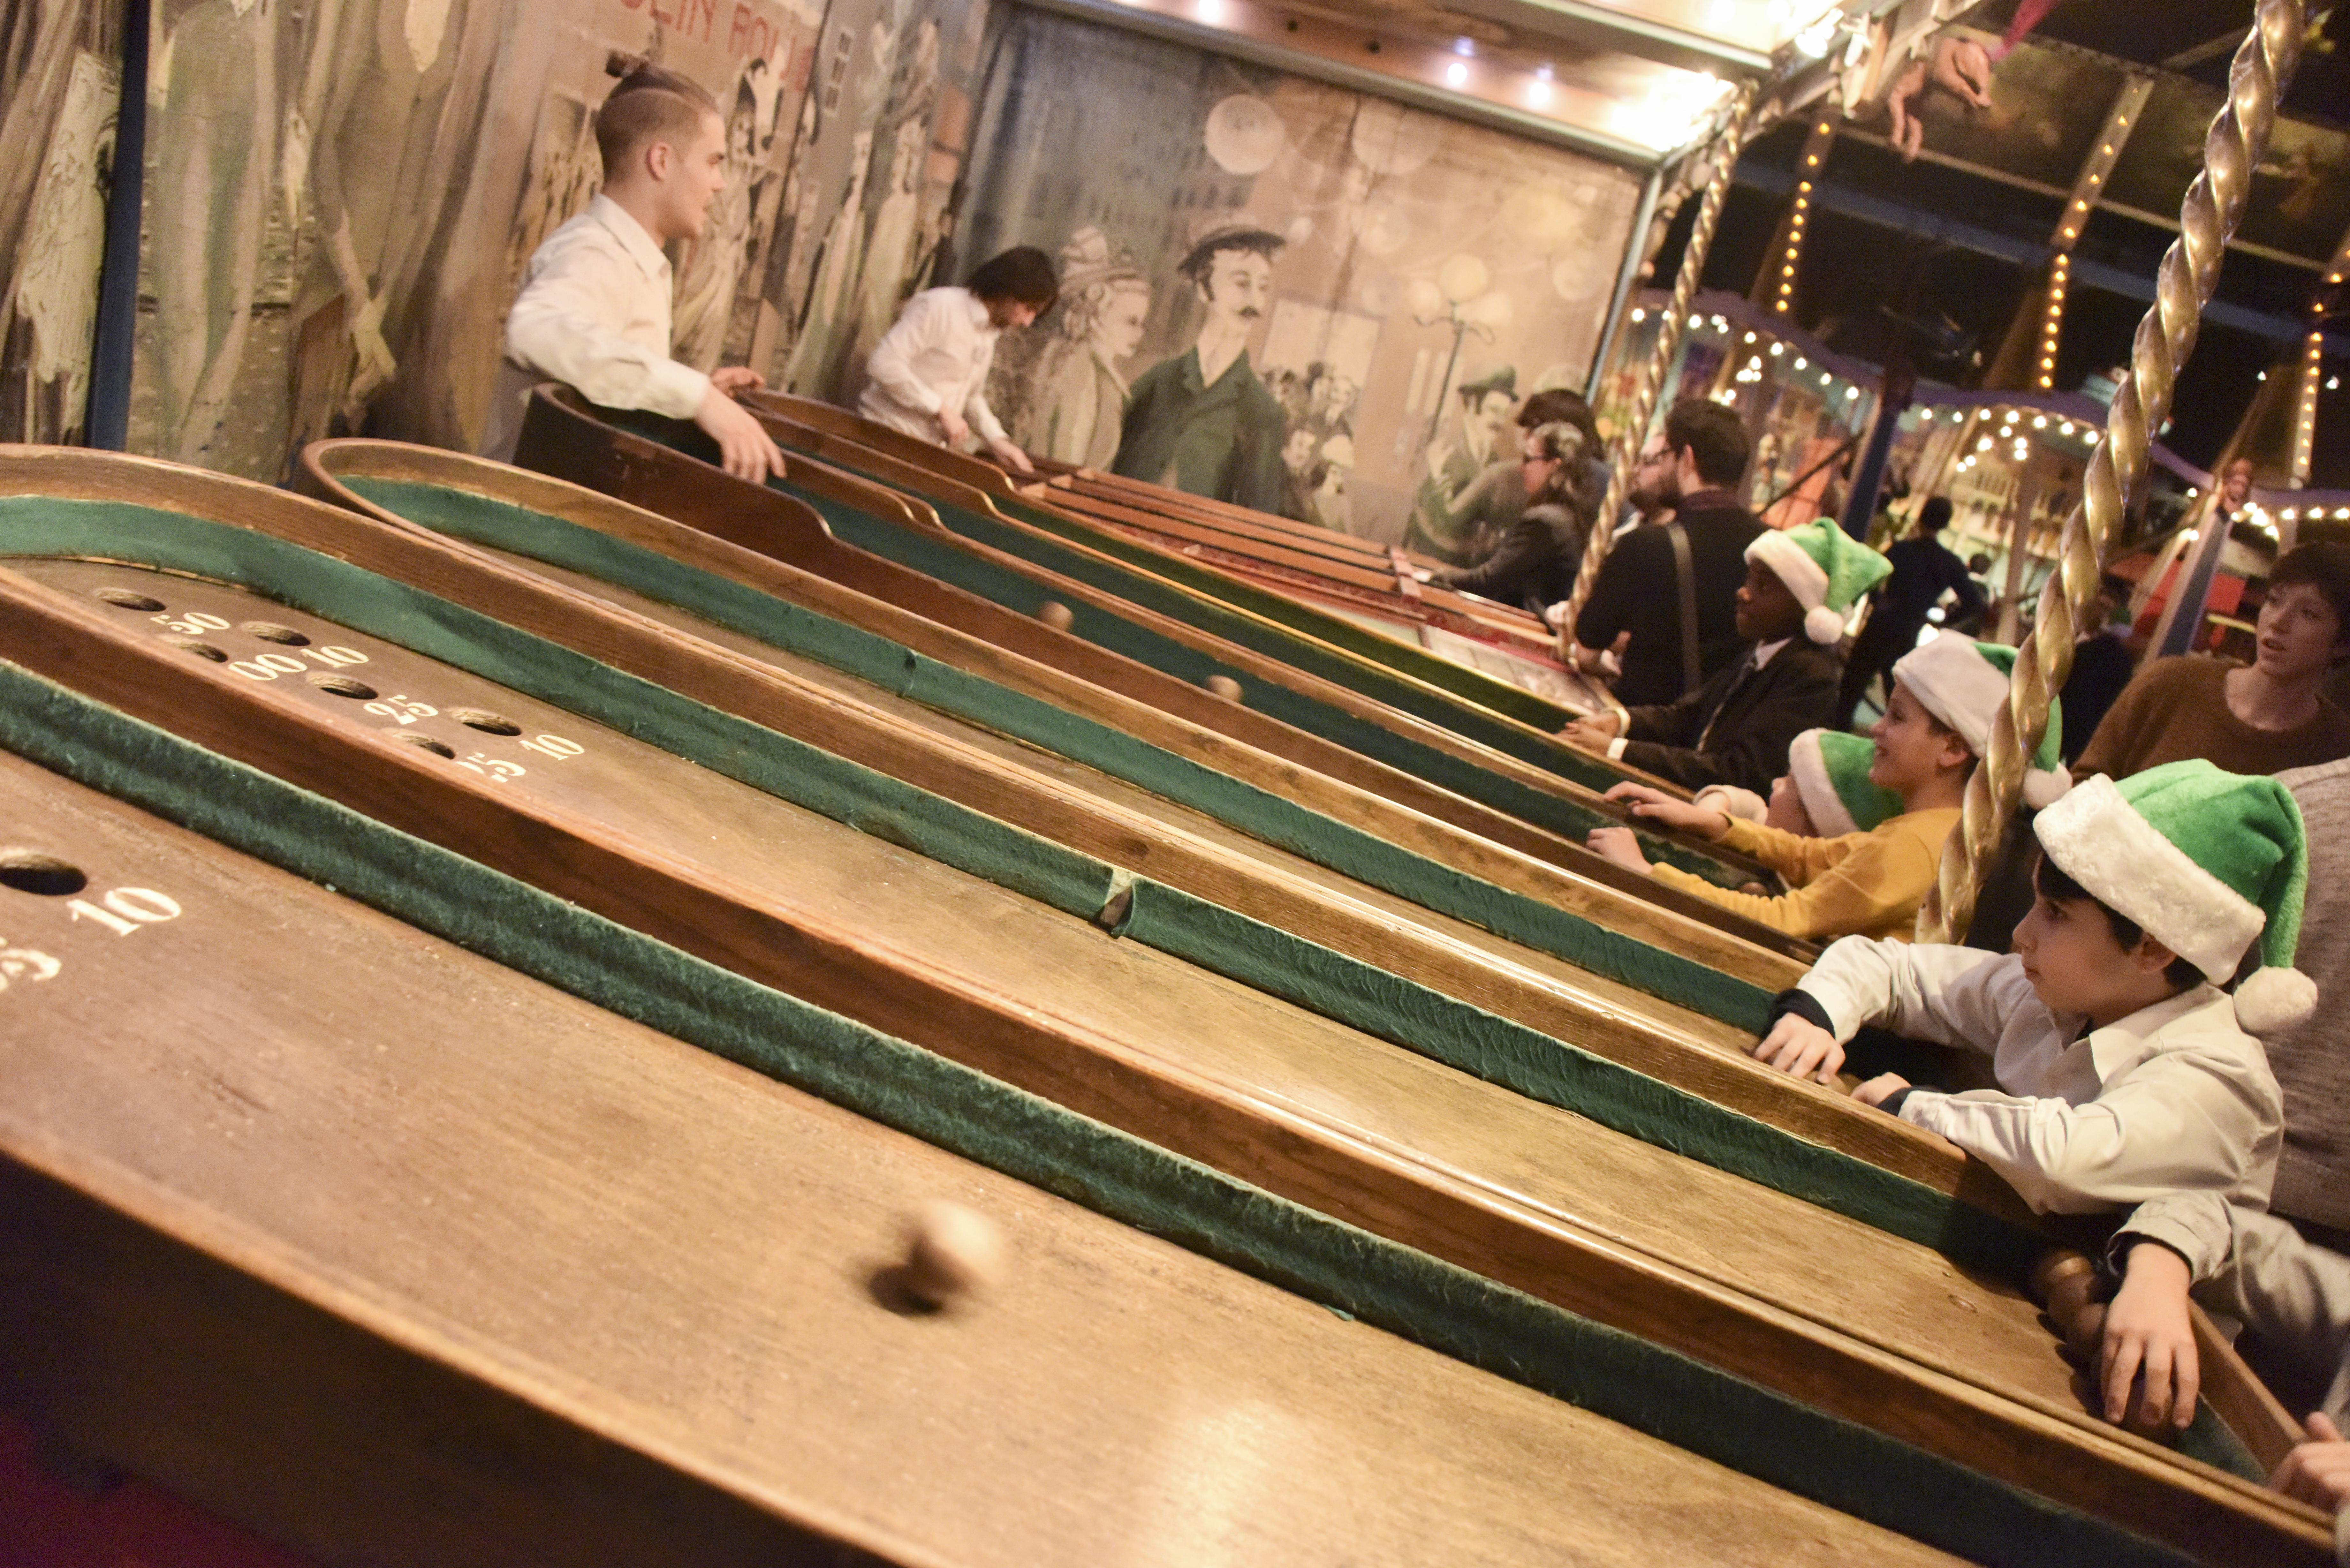 Les copains du monde jouent à la course des garçons de café au Musée des arts forains, au centre de Paris.